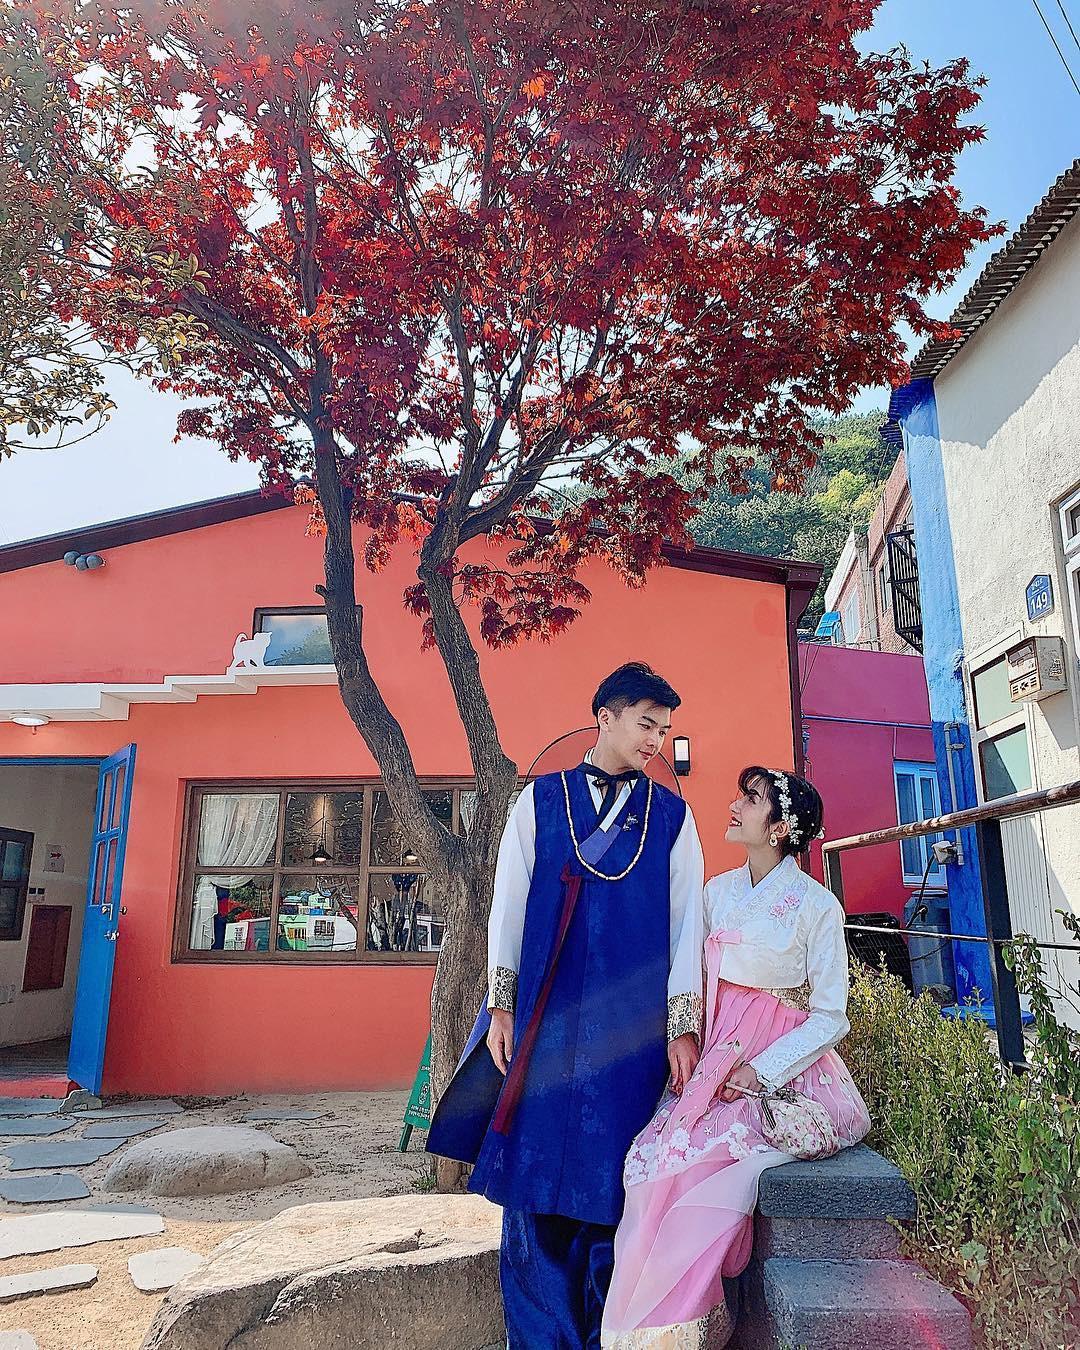 Đi du lịch chớp nhoáng như Hương Giang: Đứng bừa một góc trong làng bích hoạ Hàn Quốc cũng có khối ảnh xinh xẻo - Ảnh 14.